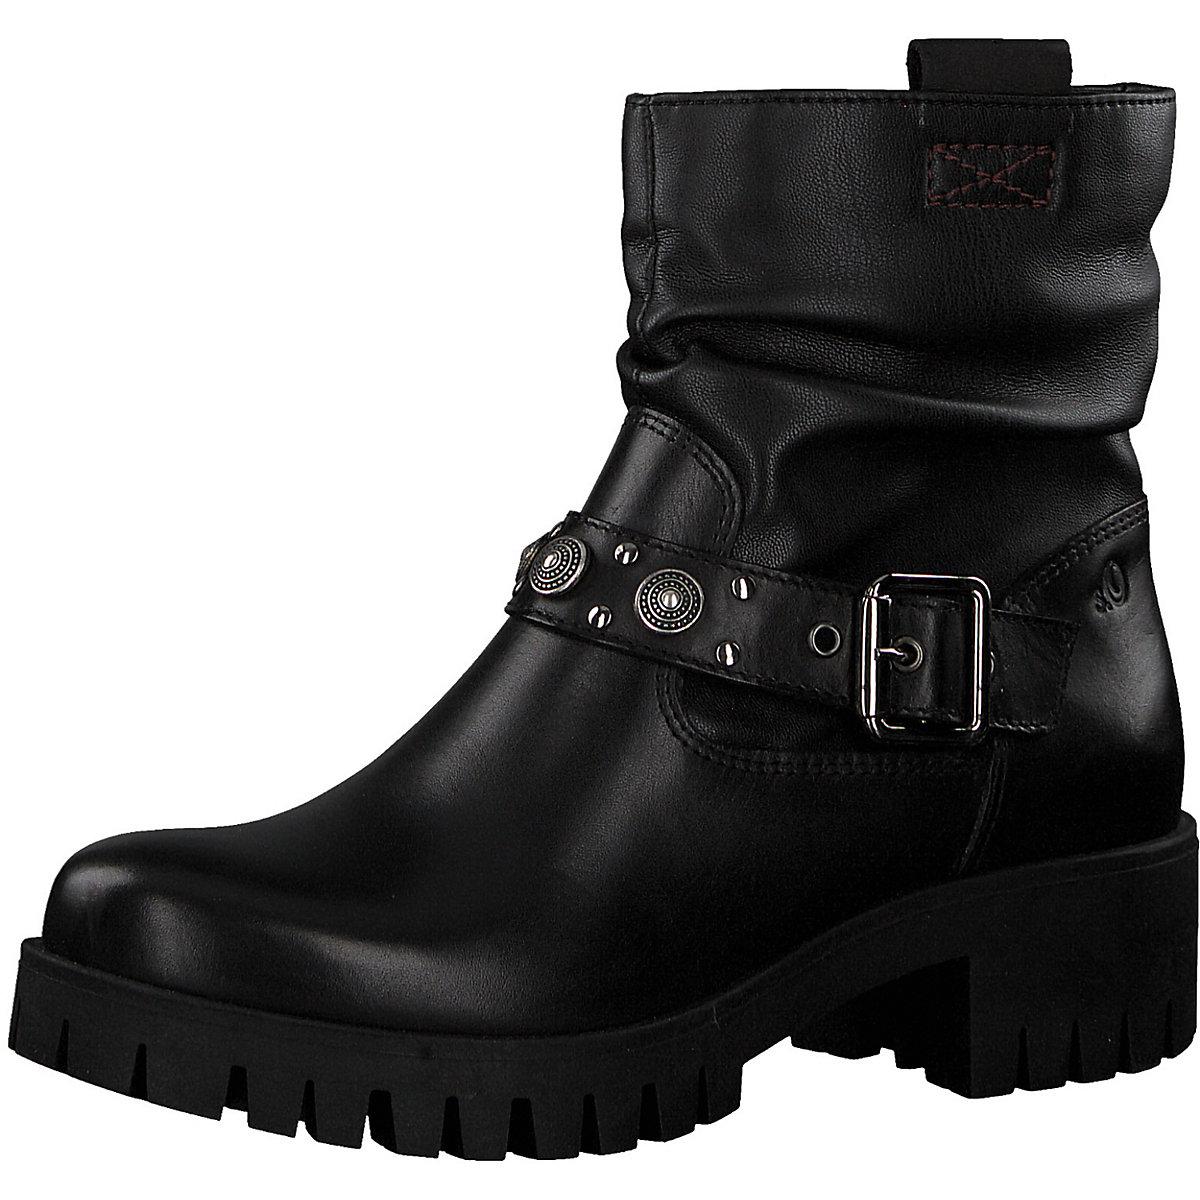 S.Oliver, Biker Stiefel, schwarz  Gute Qualität beliebte Schuhe